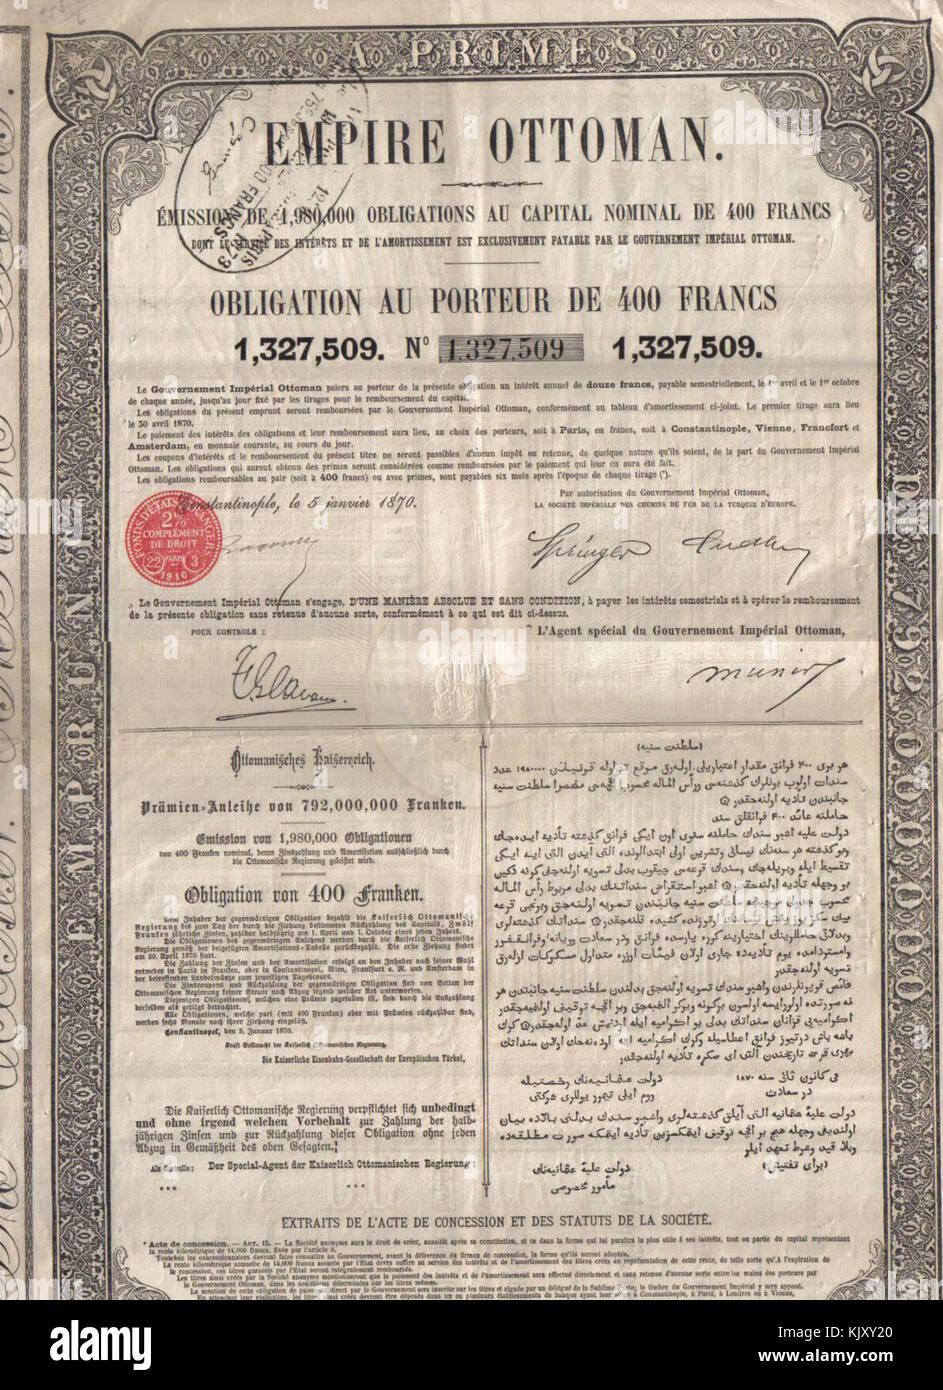 Empire Ottoman, Emission de 1980000 Obligations au capital nominal de 400 Francs - Stock Image